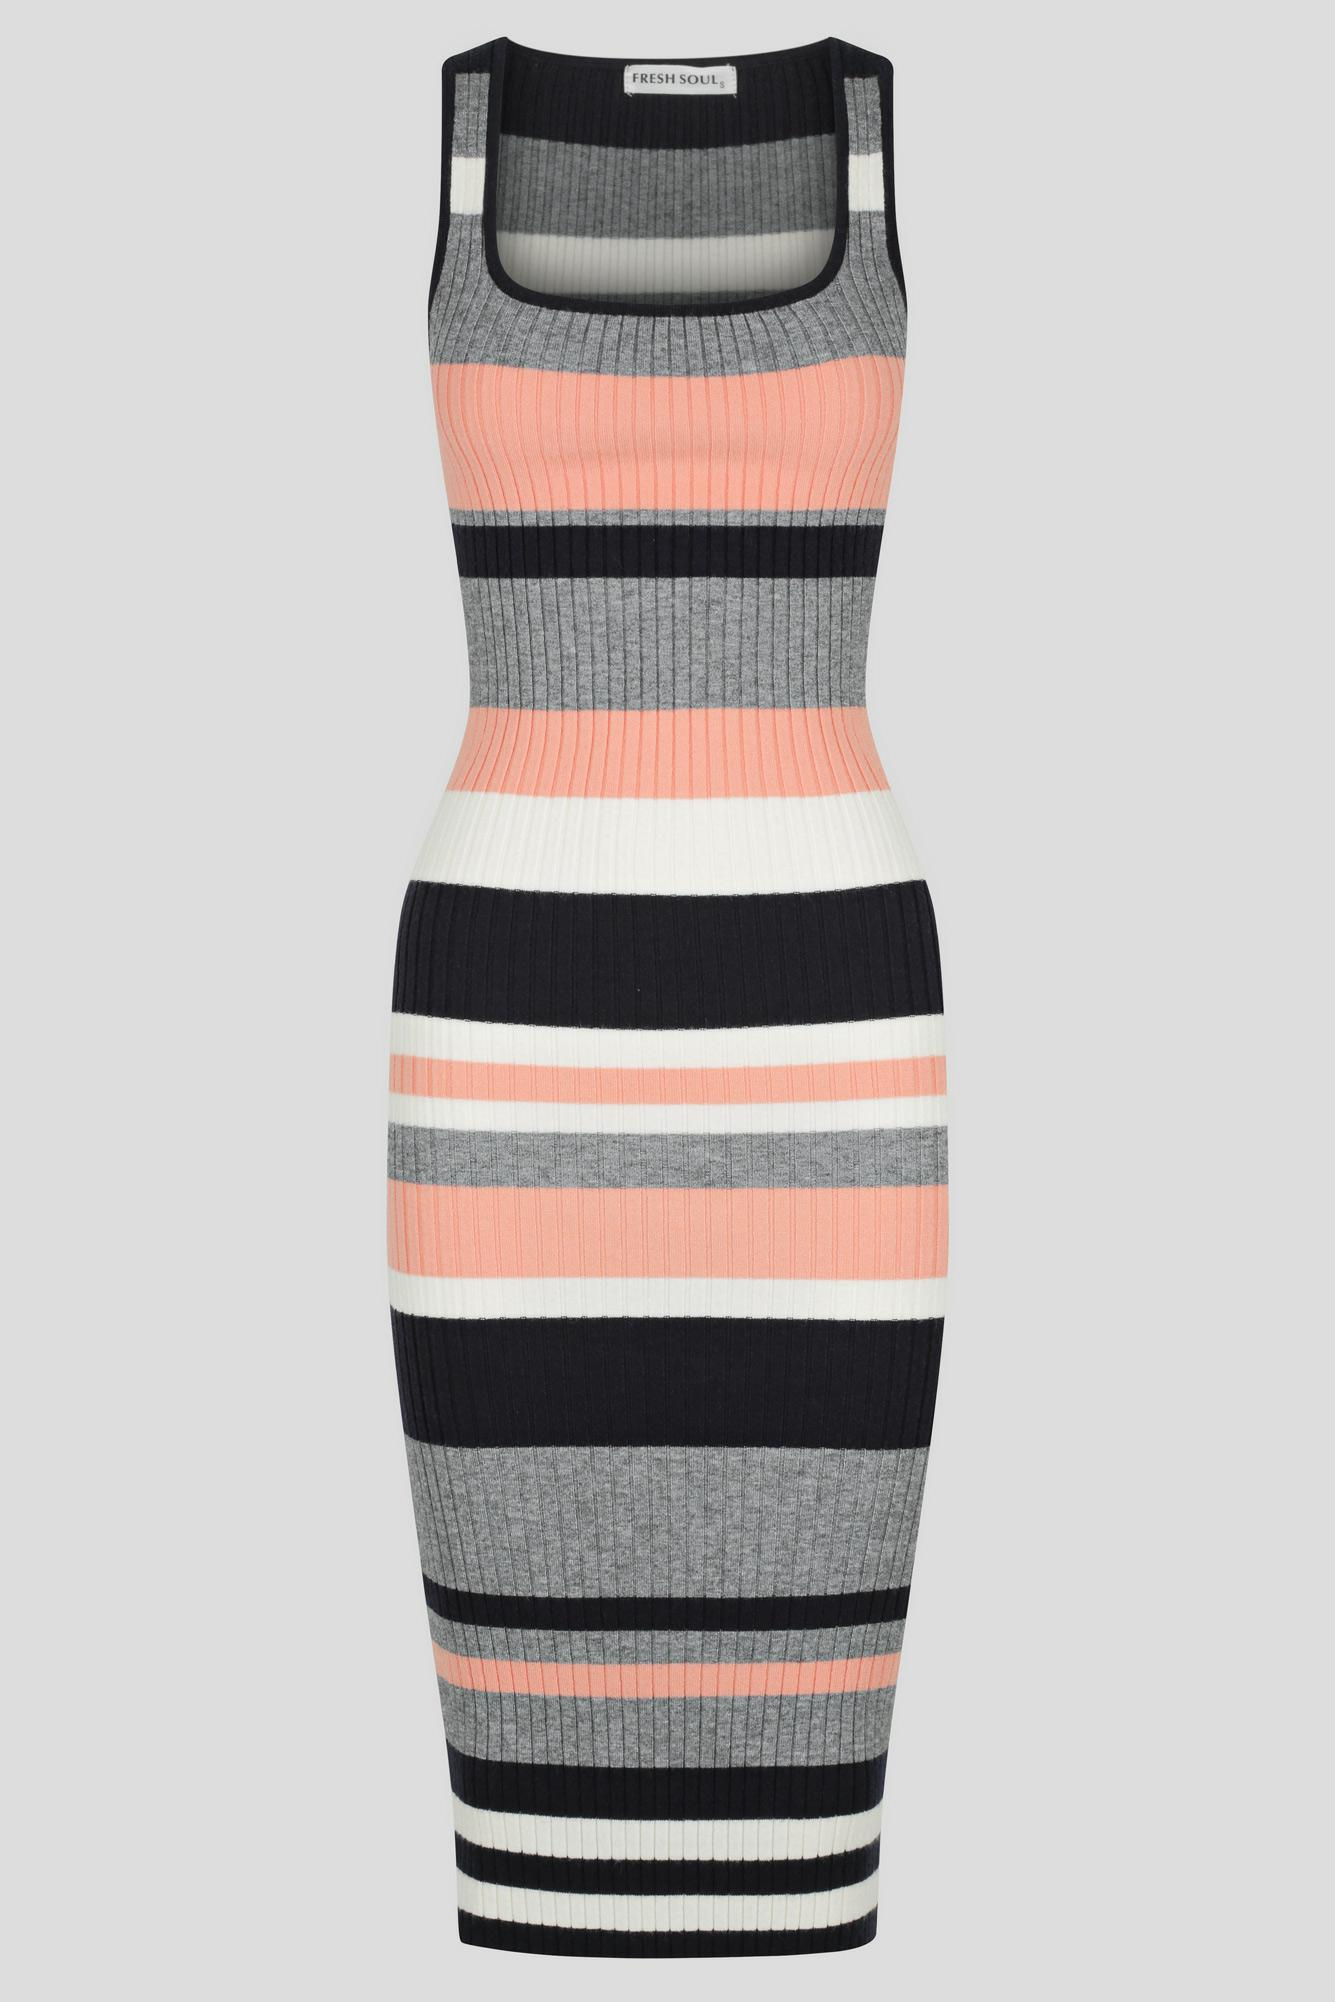 Itoro Knit Dress   Women's DRESSs at